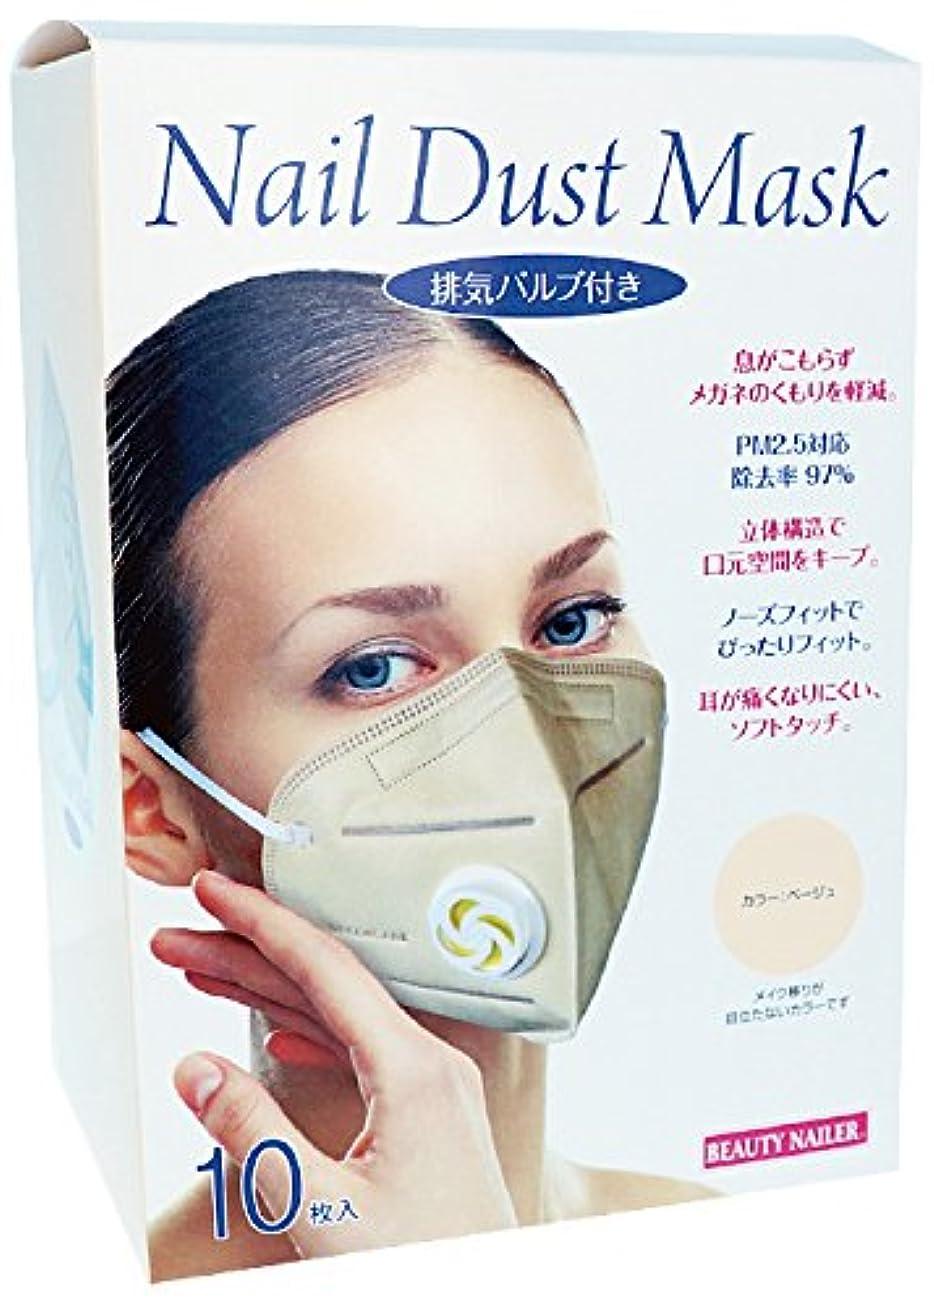 ブラスト硬化する結果排気バルブ付き ネイルダストマスク(MASK-04)